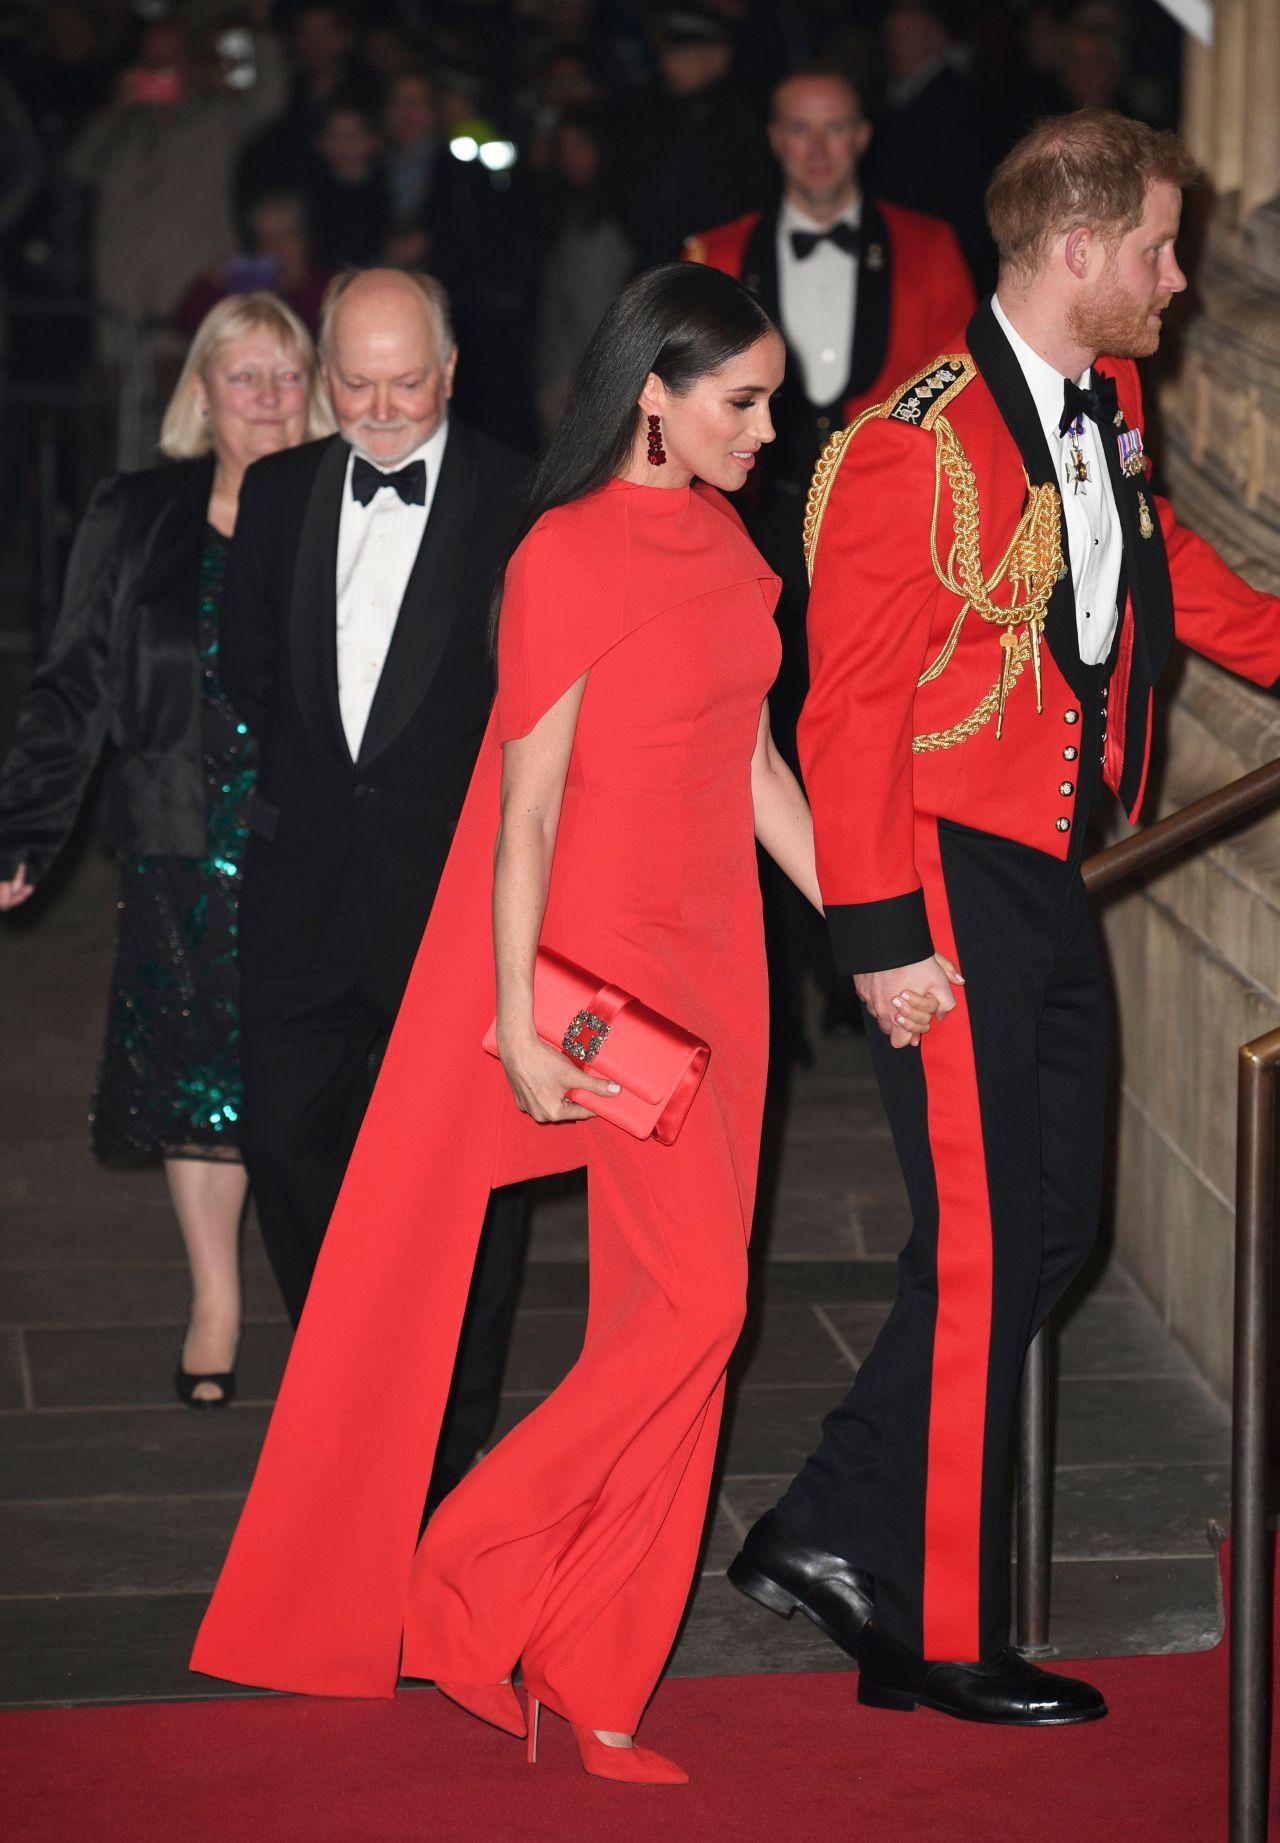 Meghan Markle diện thiết kế đầm đỏ nổi bật trong chuỗi sự kiện hoàng gia cuối cùng